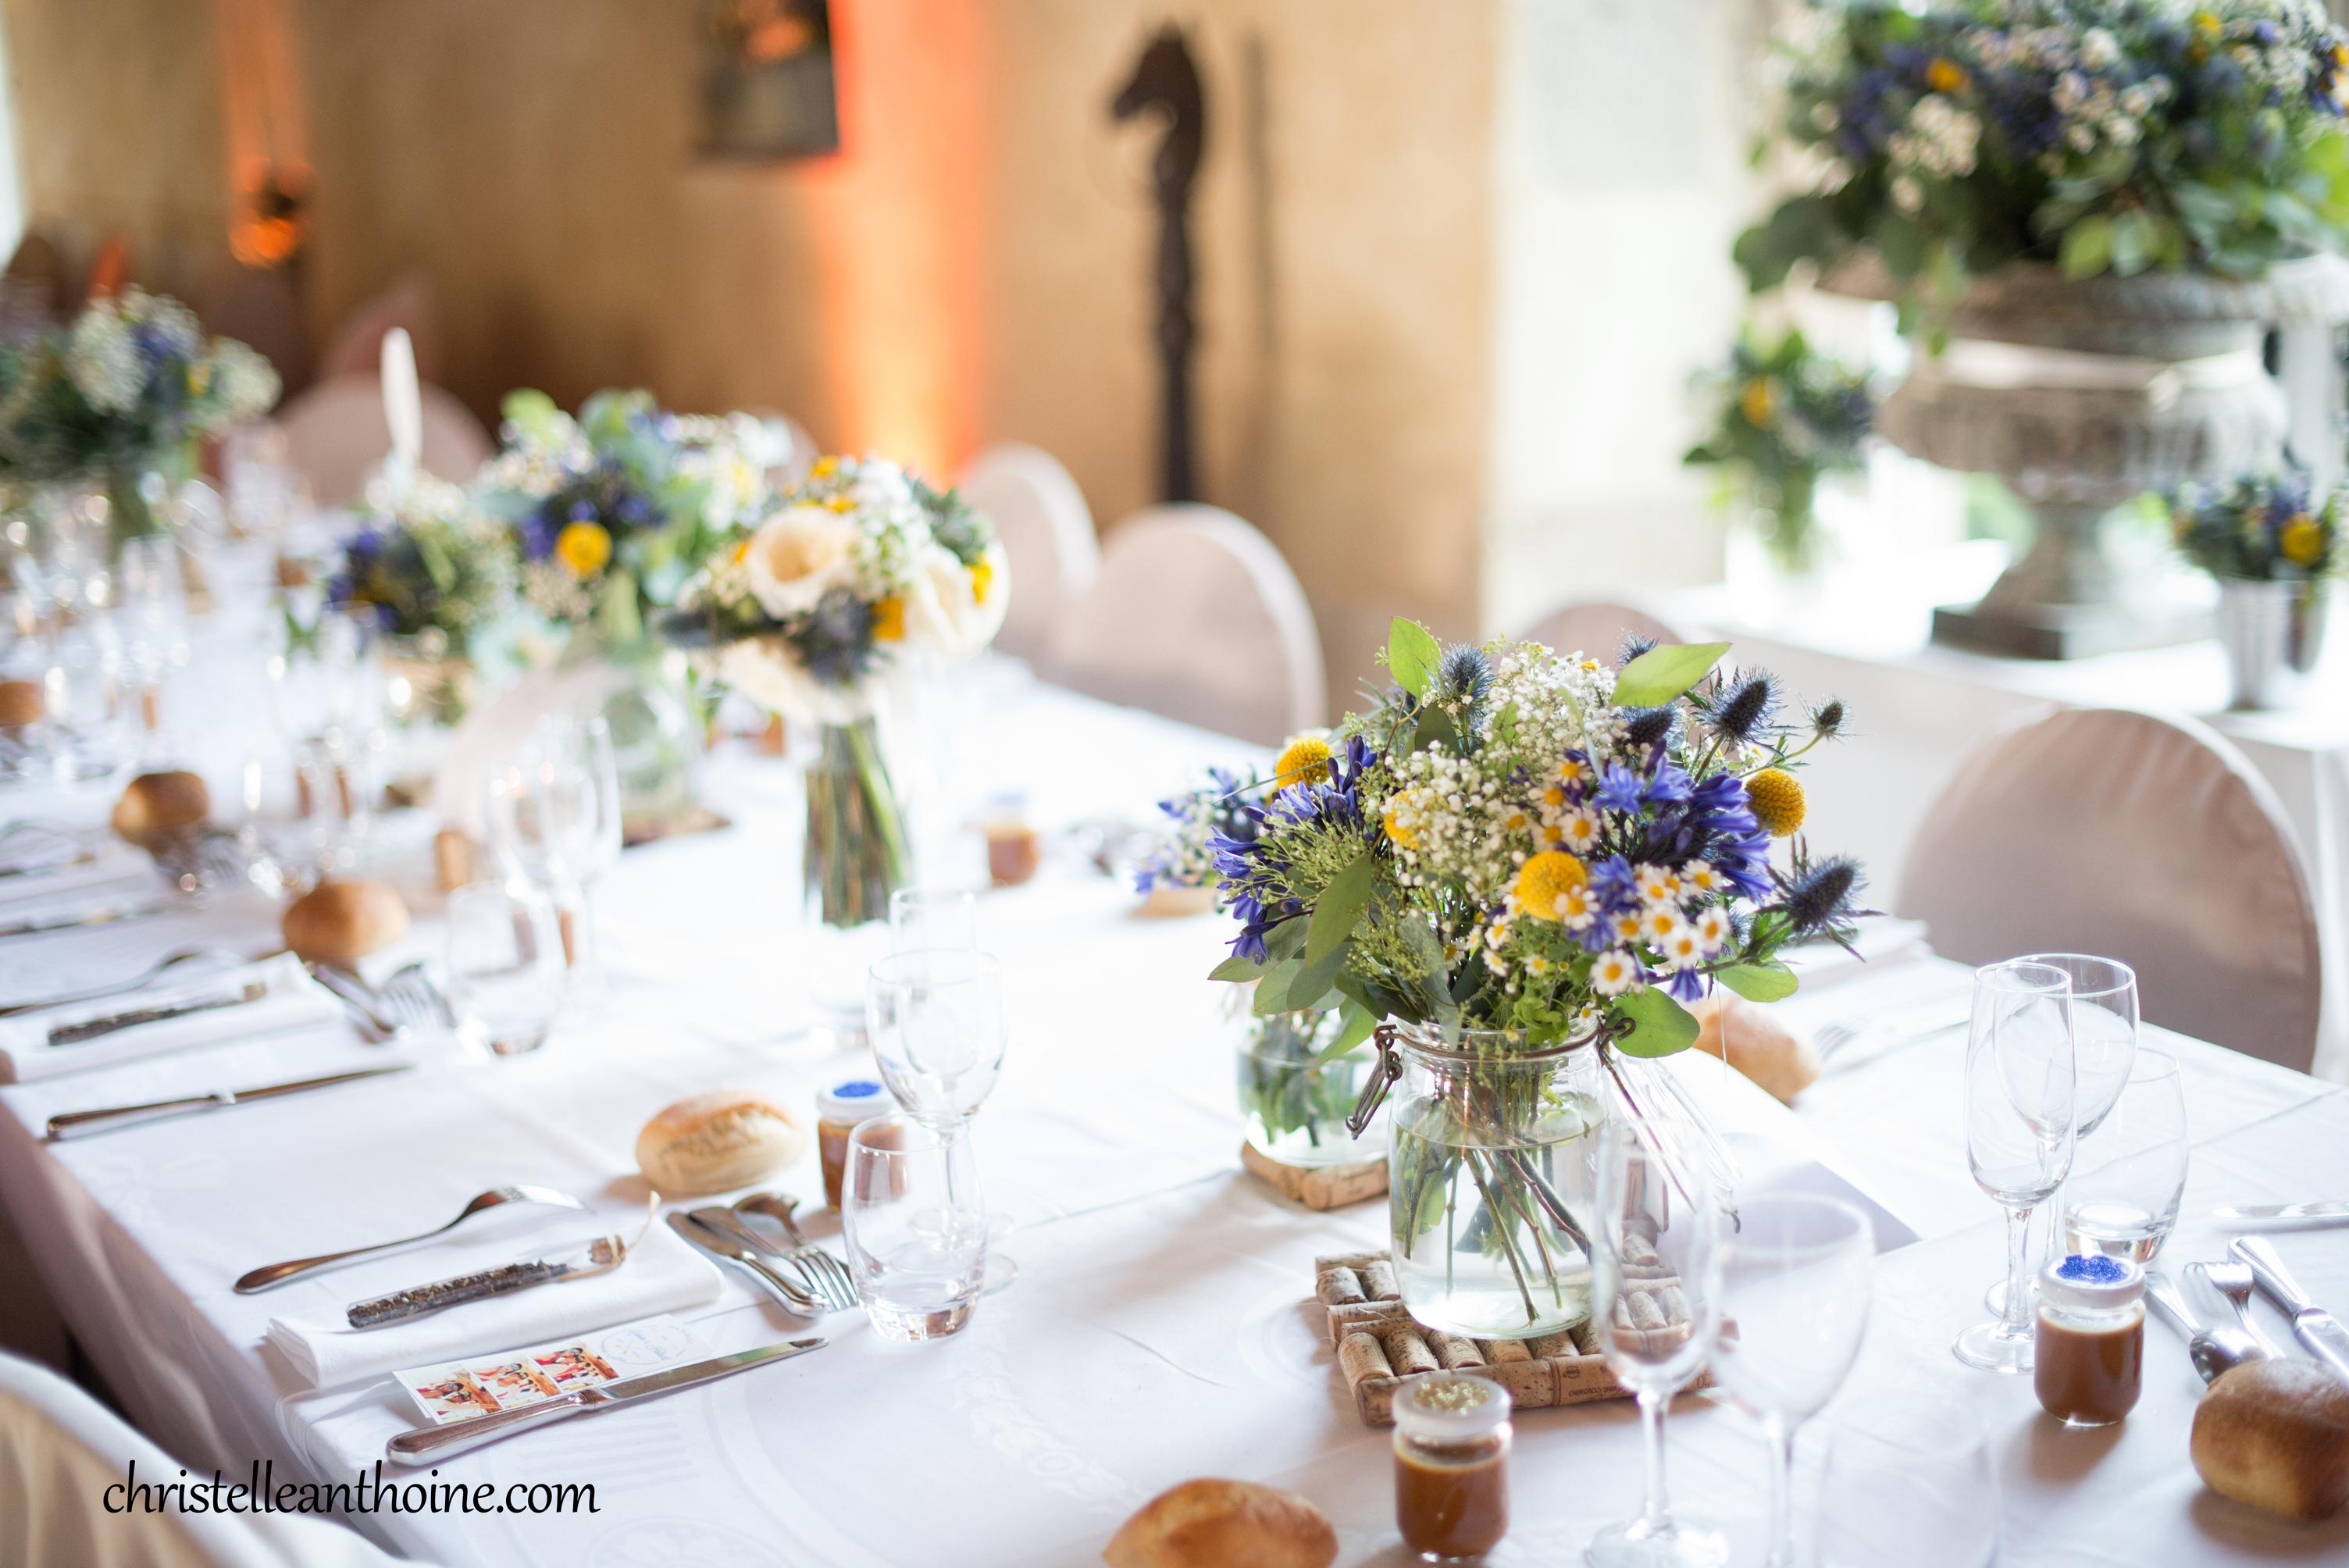 Photographe bretagne famille couple mariage cotes darmor décoration table manoir de Pontbriand Pleurtuit